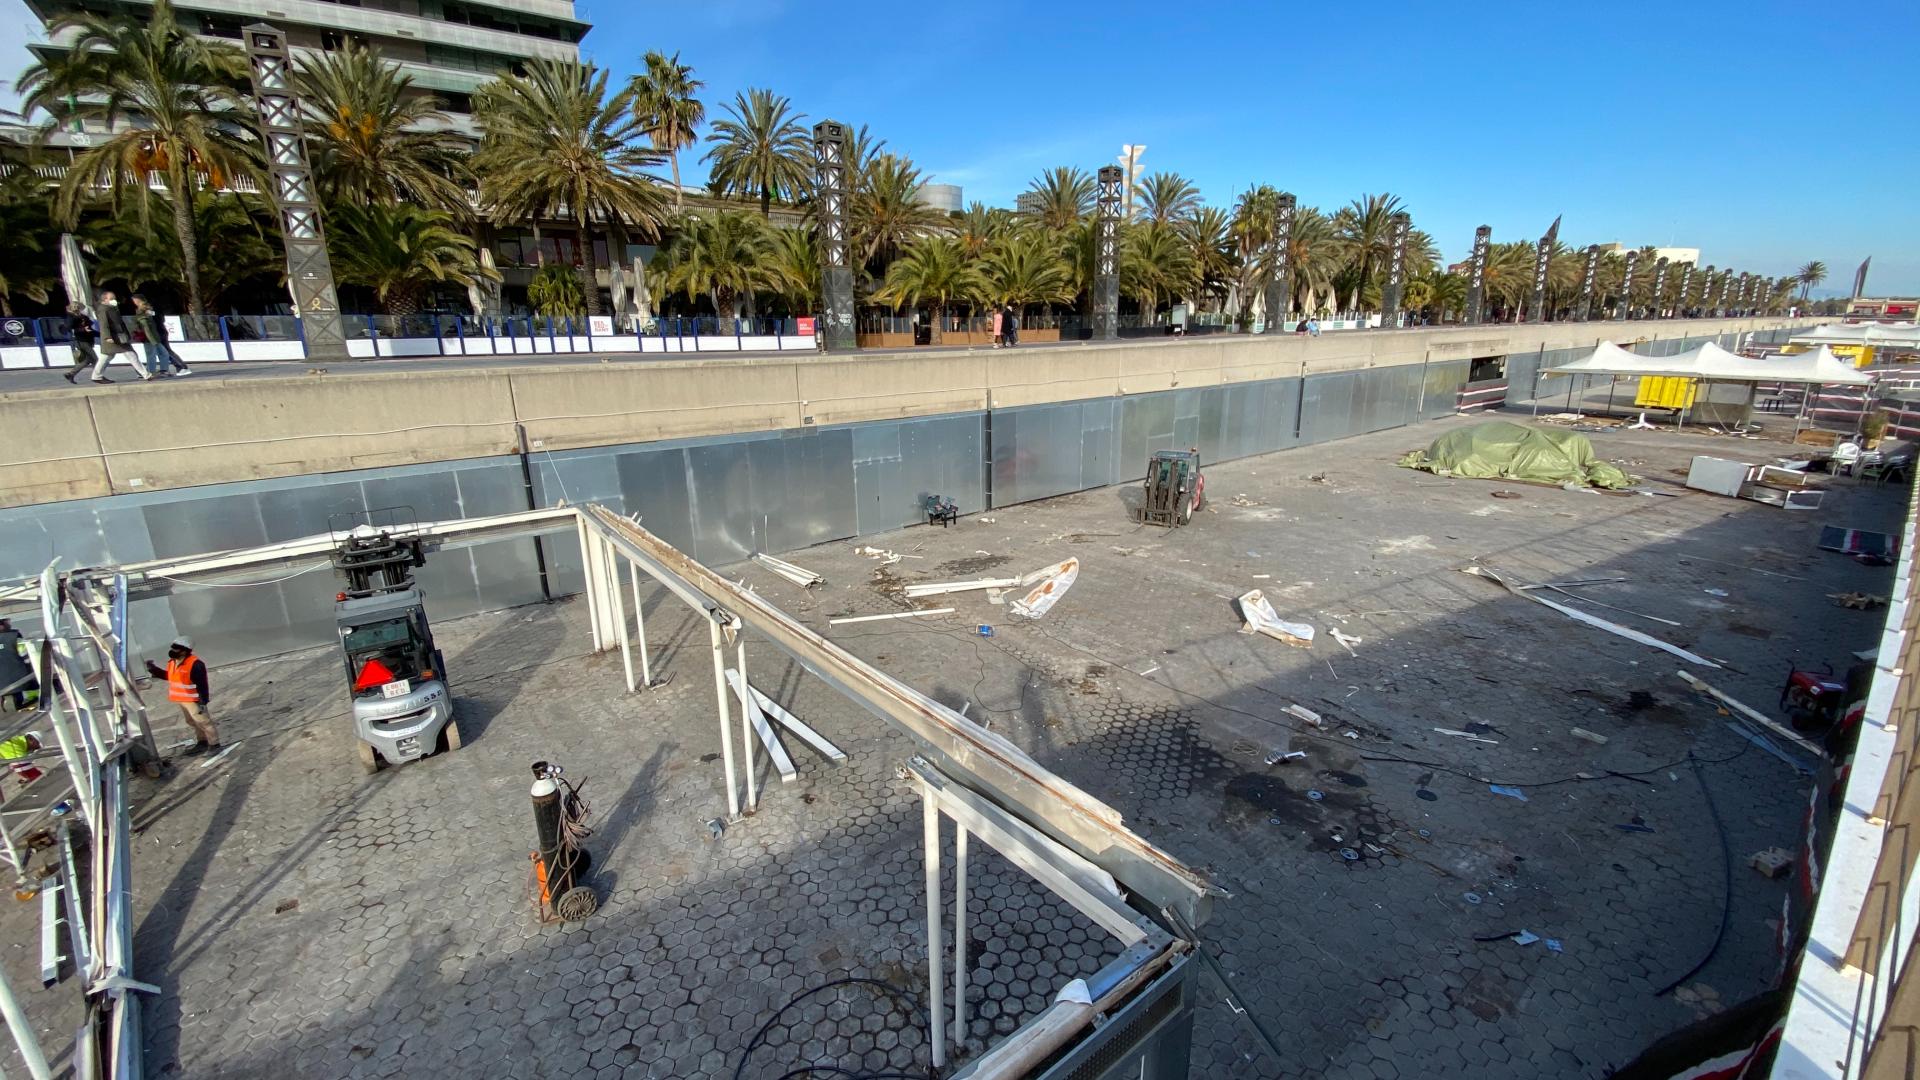 terrasses port olimpic locals